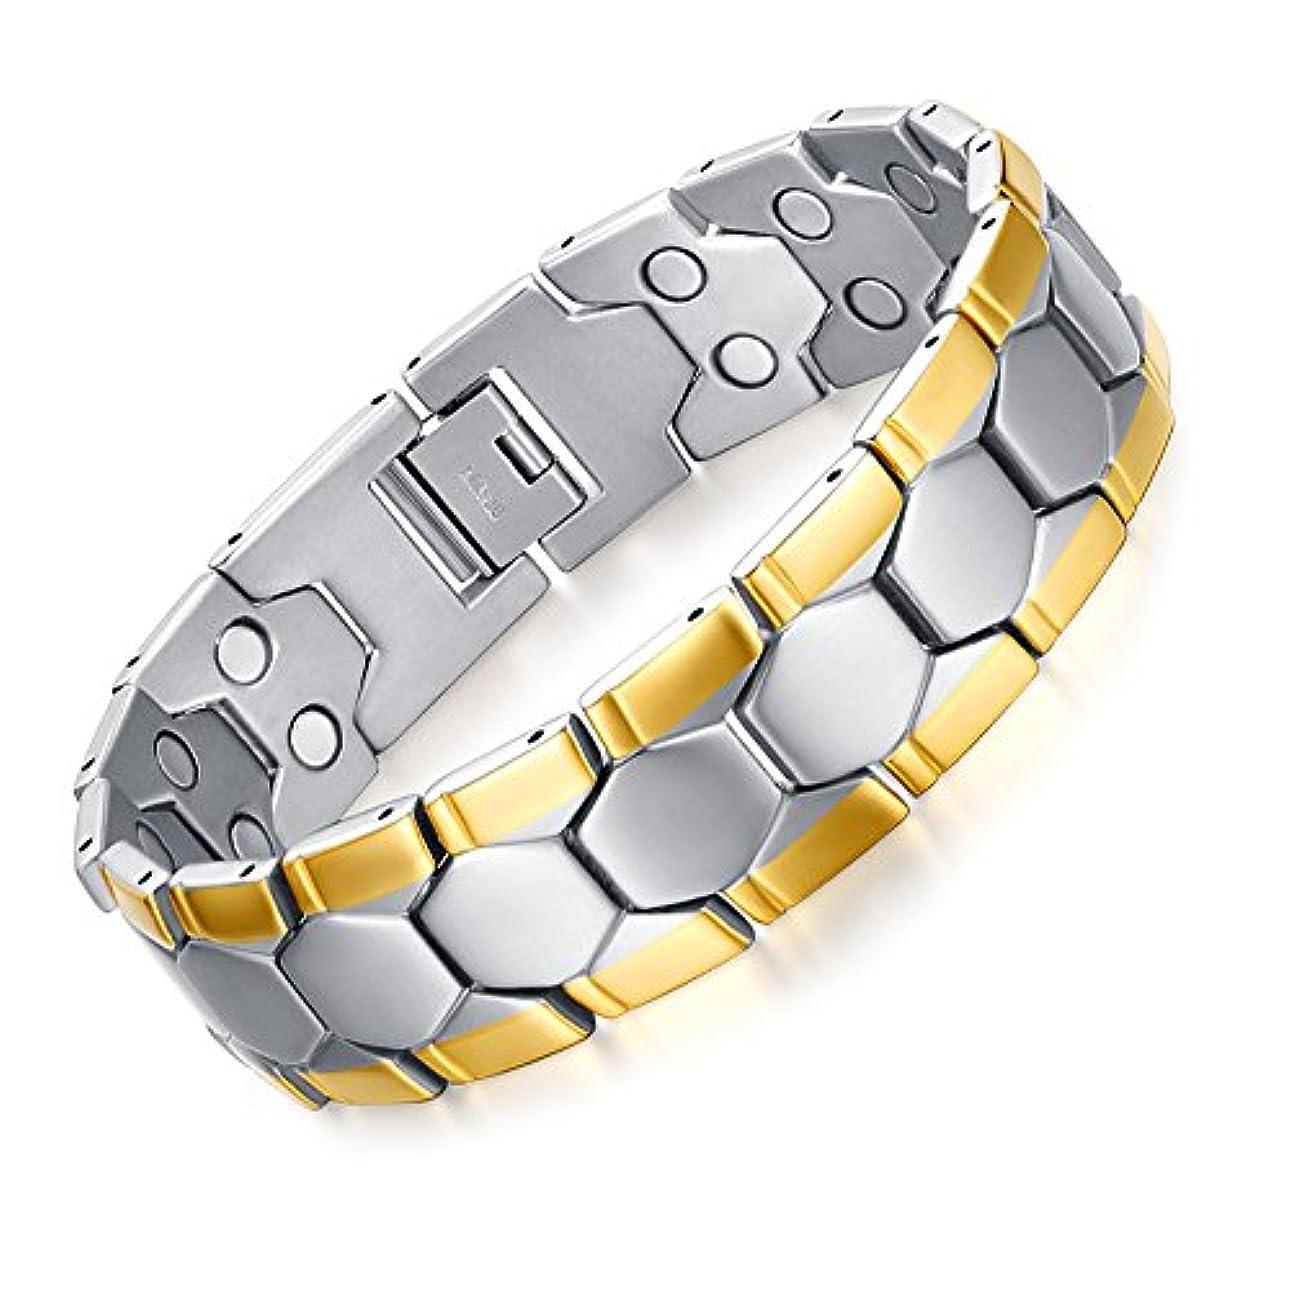 ペックいらいらする贅沢ブレスレット メンズ ステンレス製 紳士 磁気ブレスレット 健康 銀金の2色 21.5cm 【サイズ調整工具が付属】